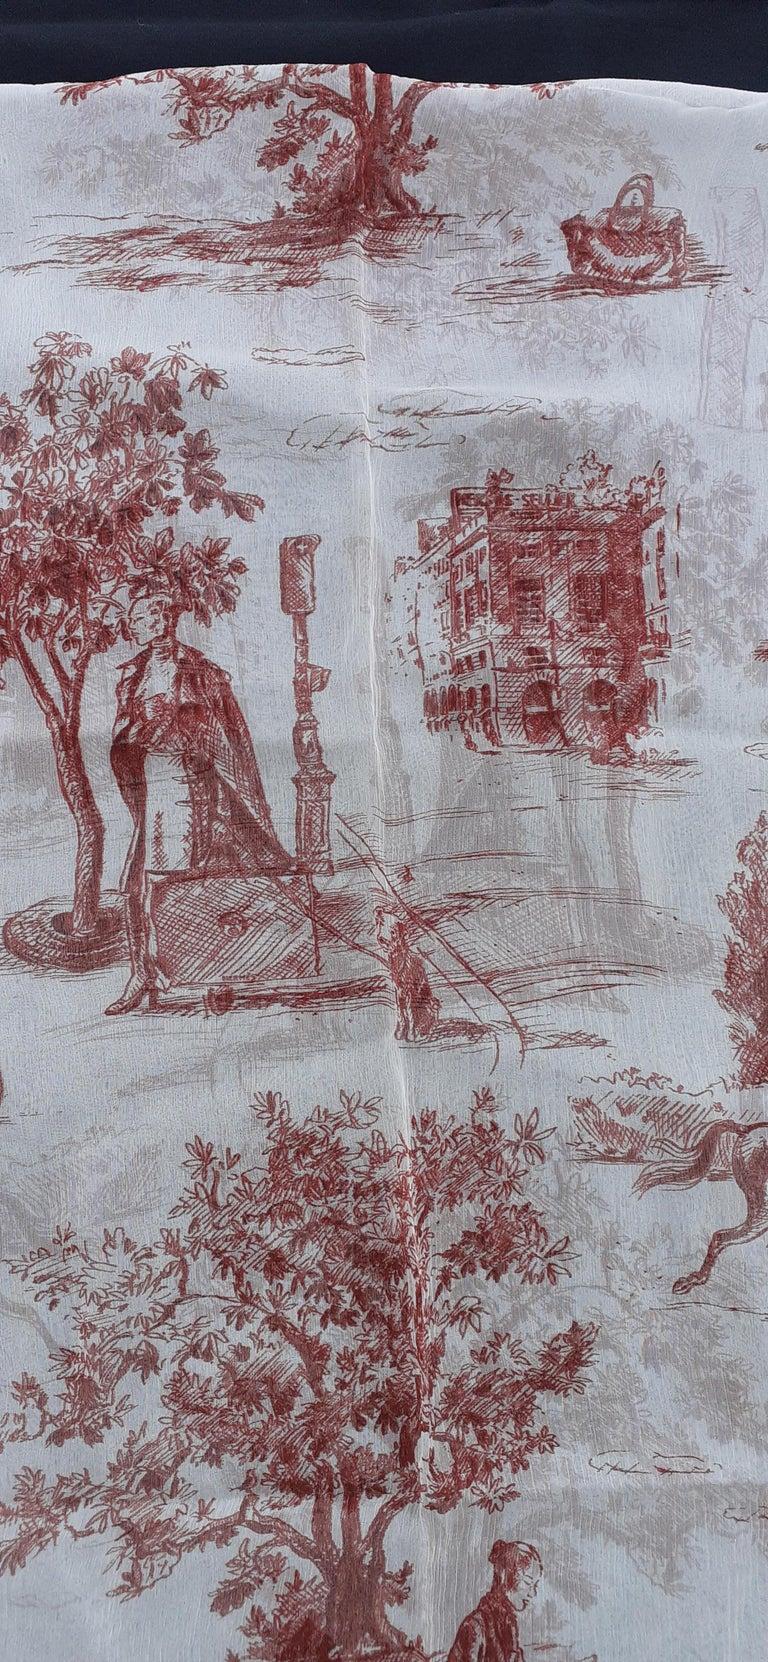 Hermès Chiffon Mousseline Silk Scarf Long Stole Toile de Jouy Pattern Rare For Sale 3